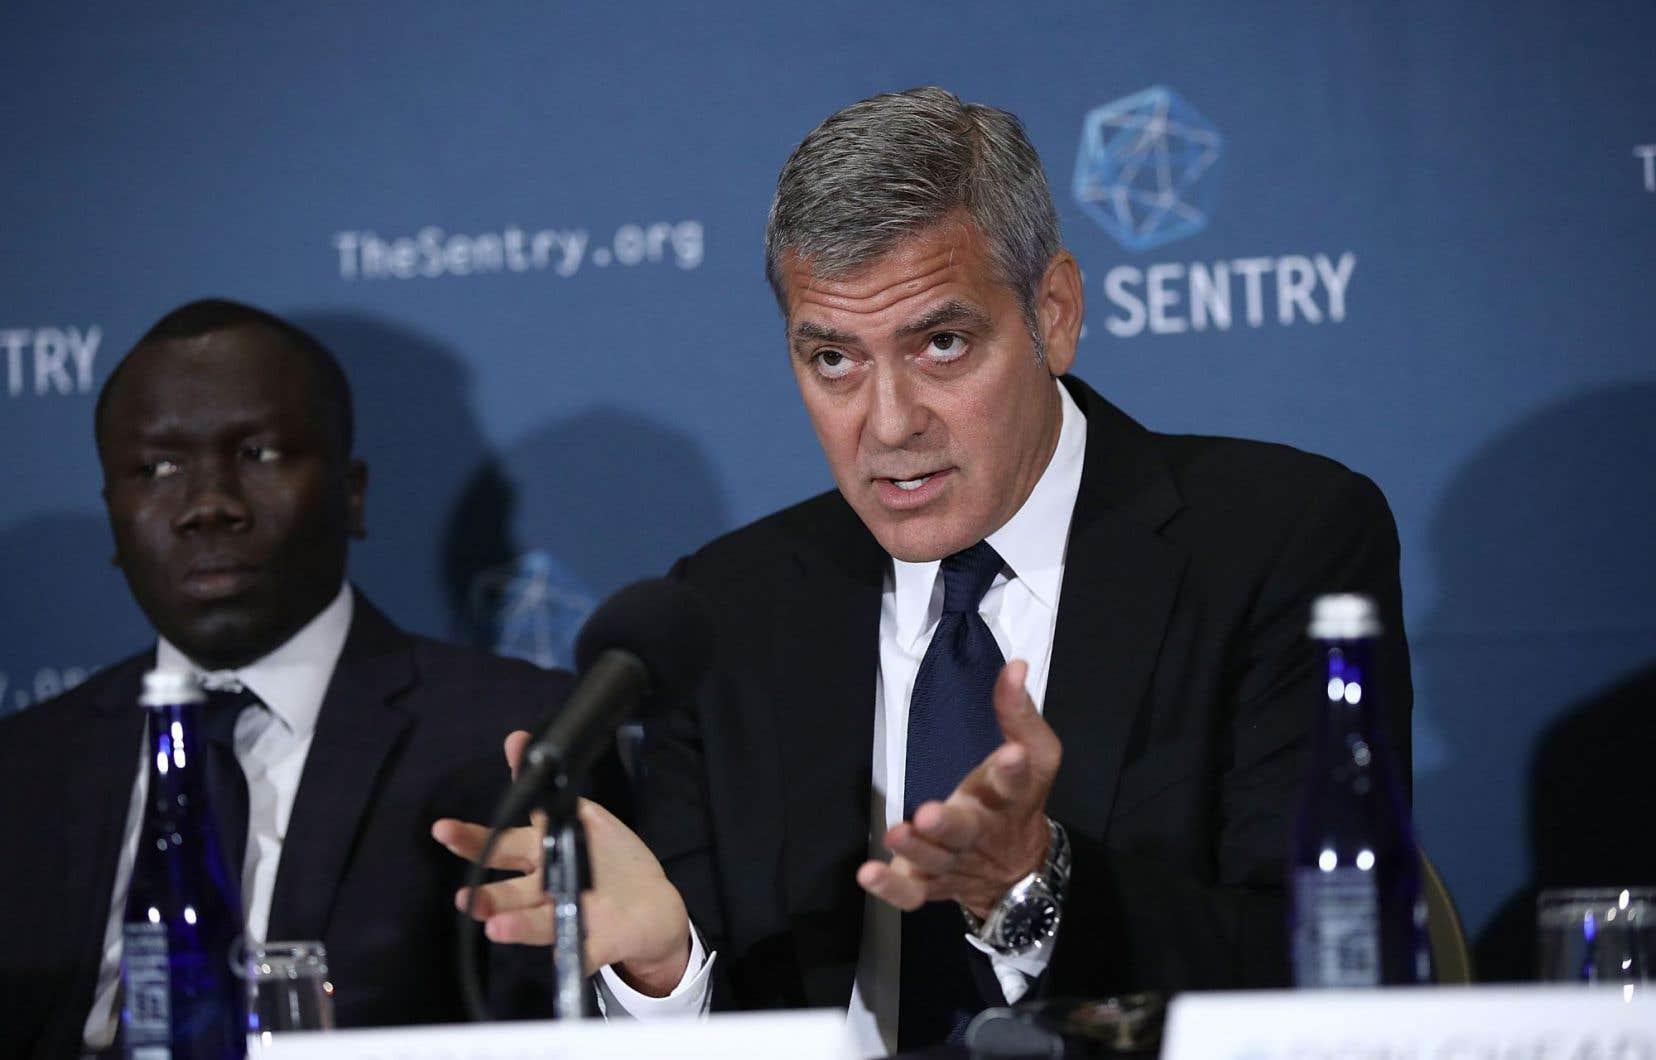 Les belligérants de la guerre civile qui ravage depuis trois ans le Soudan du Sud se sont enrichis en profitant du chaos du conflit, a dénoncé lundi la star de Hollywood George Clooney dans un rapport d'enquête dévoilé à Washington.